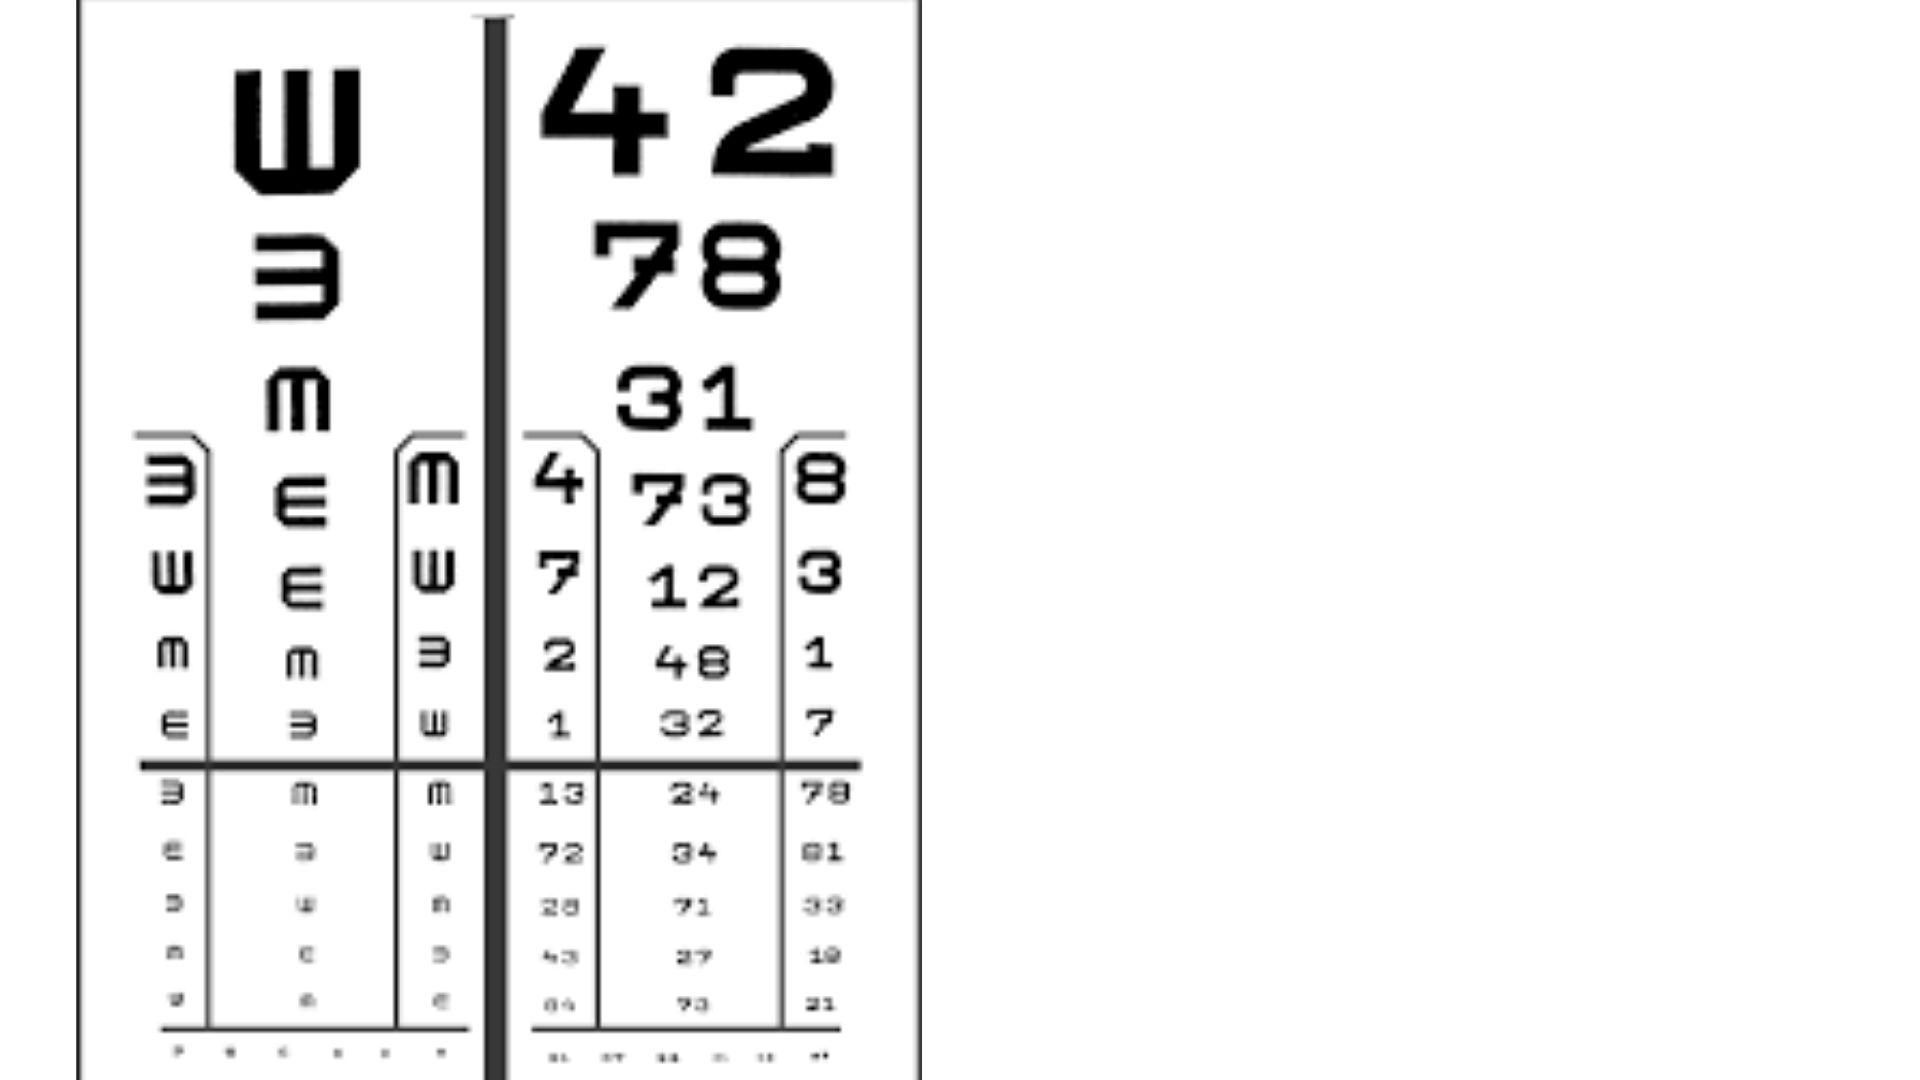 látásvizsgálat jelentése